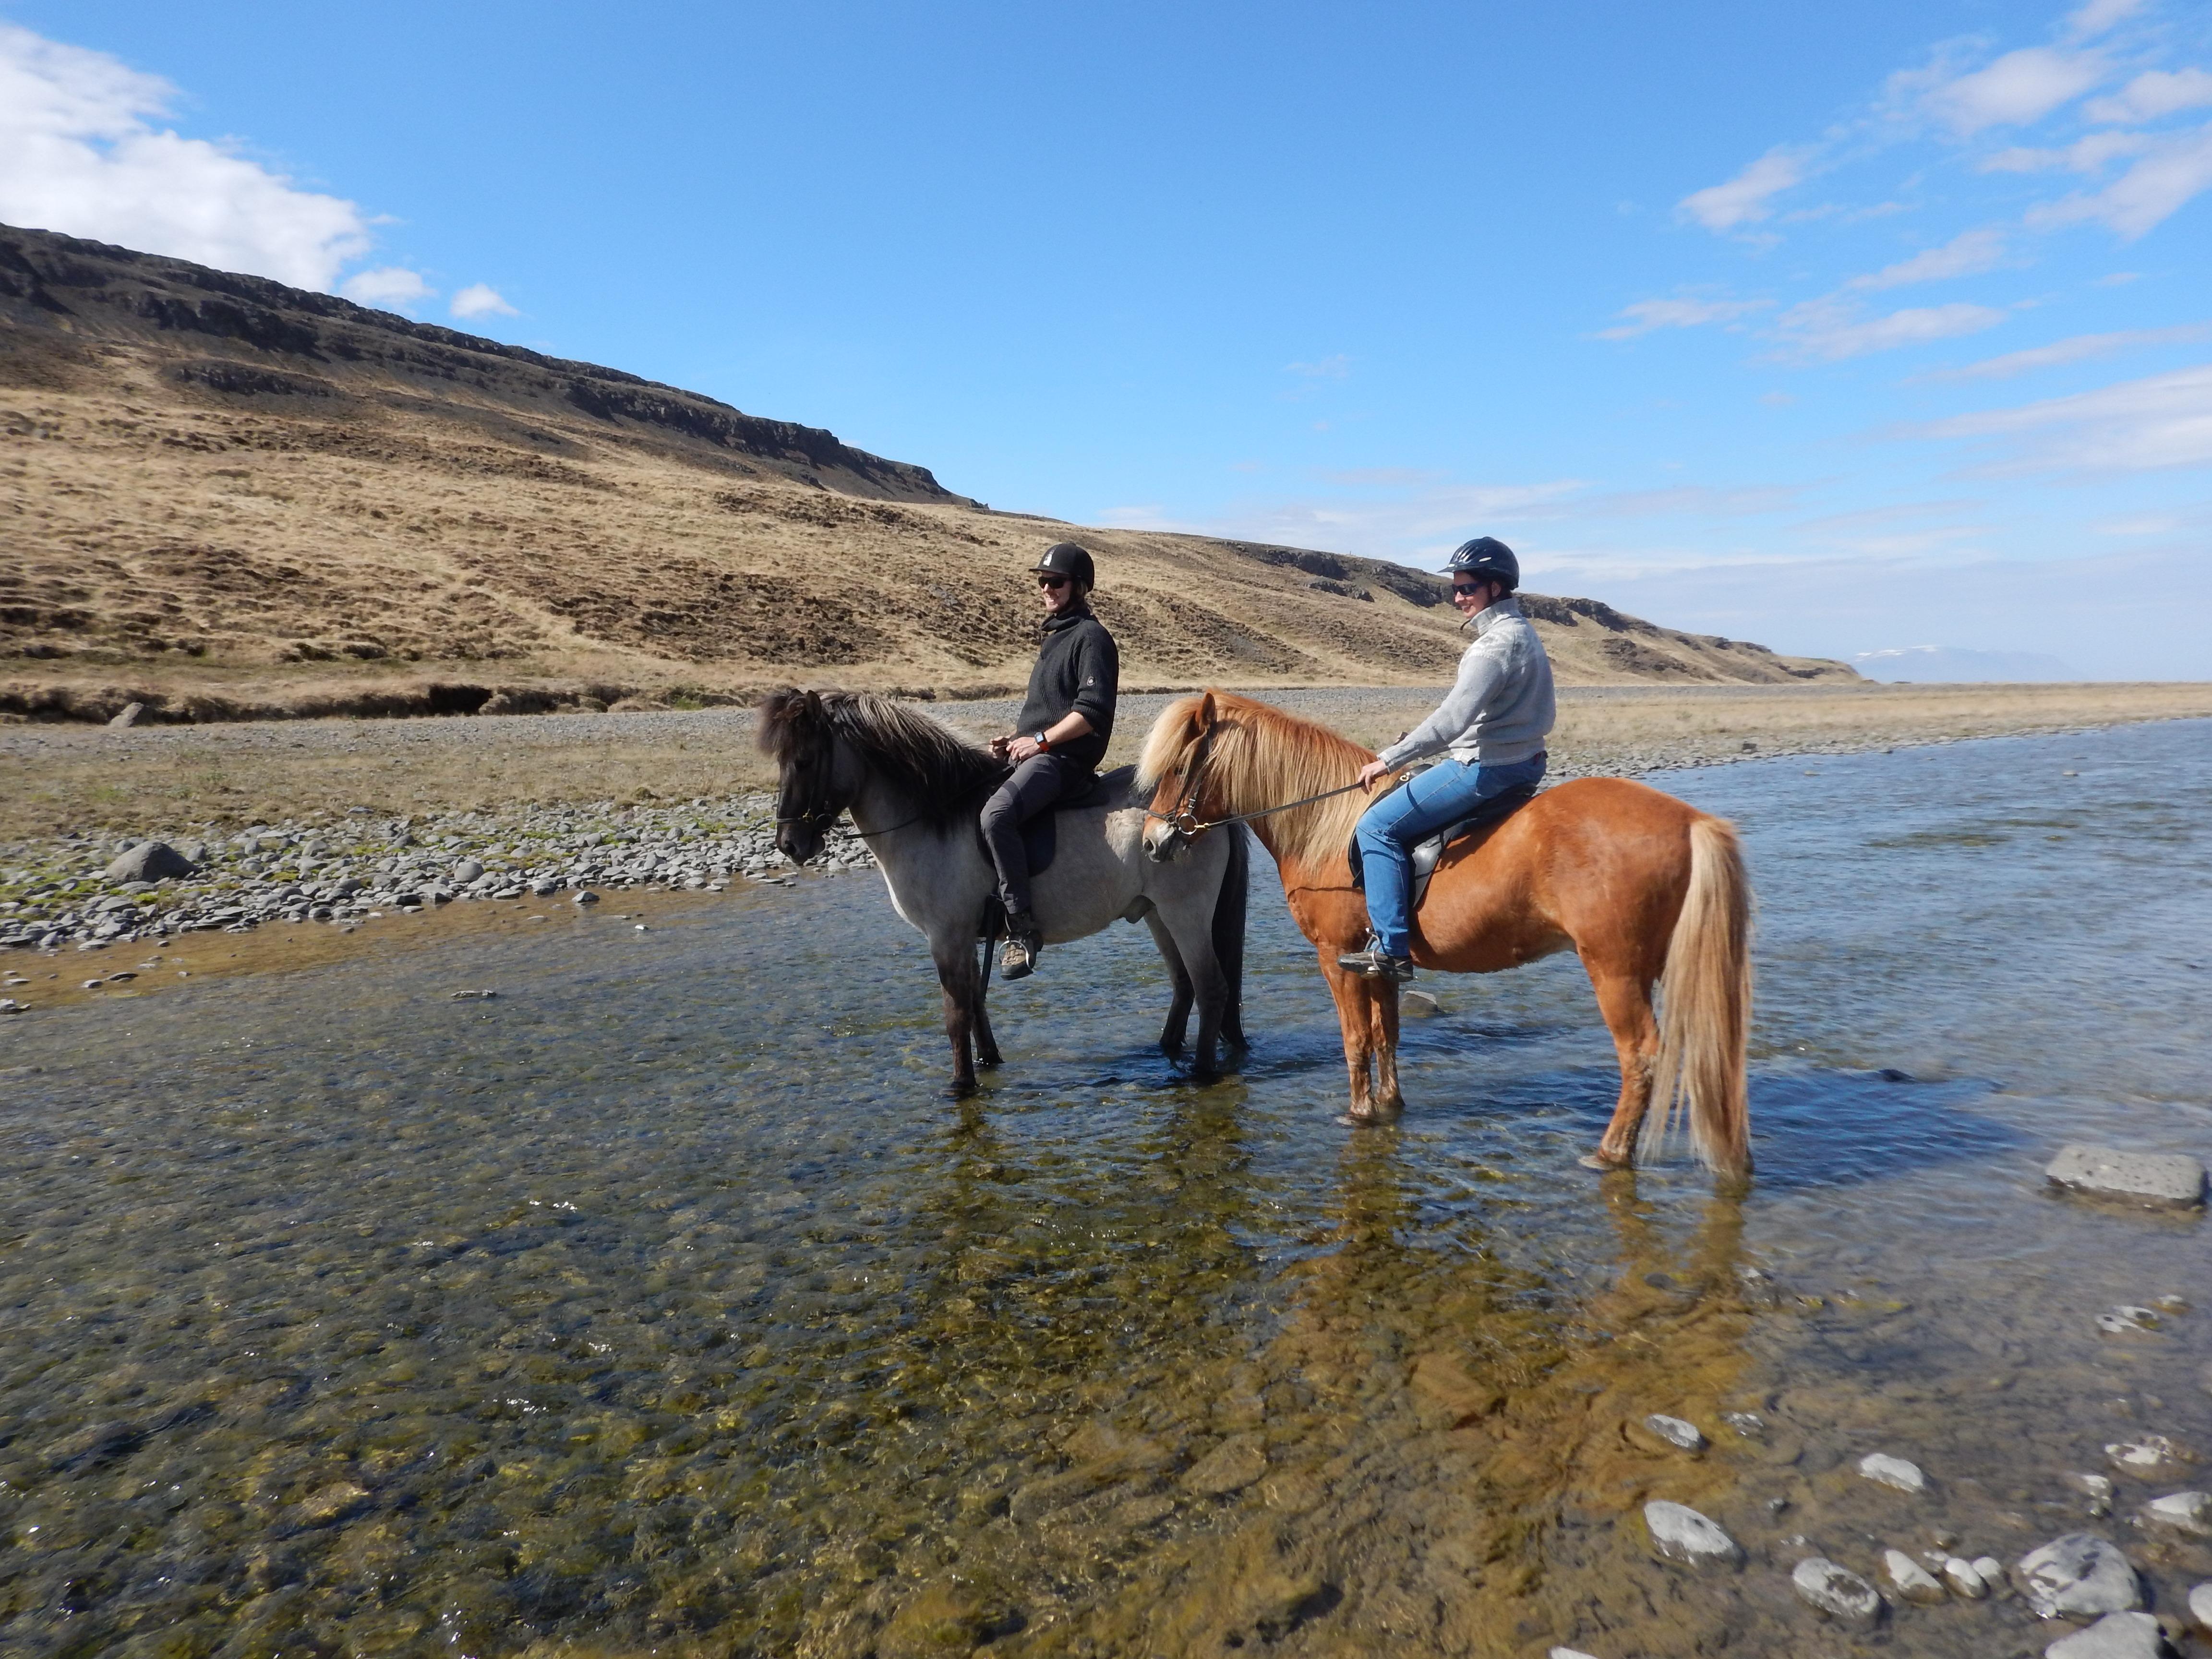 Koně na Islandu: Masožravé plemeno s pátým druhem kroku